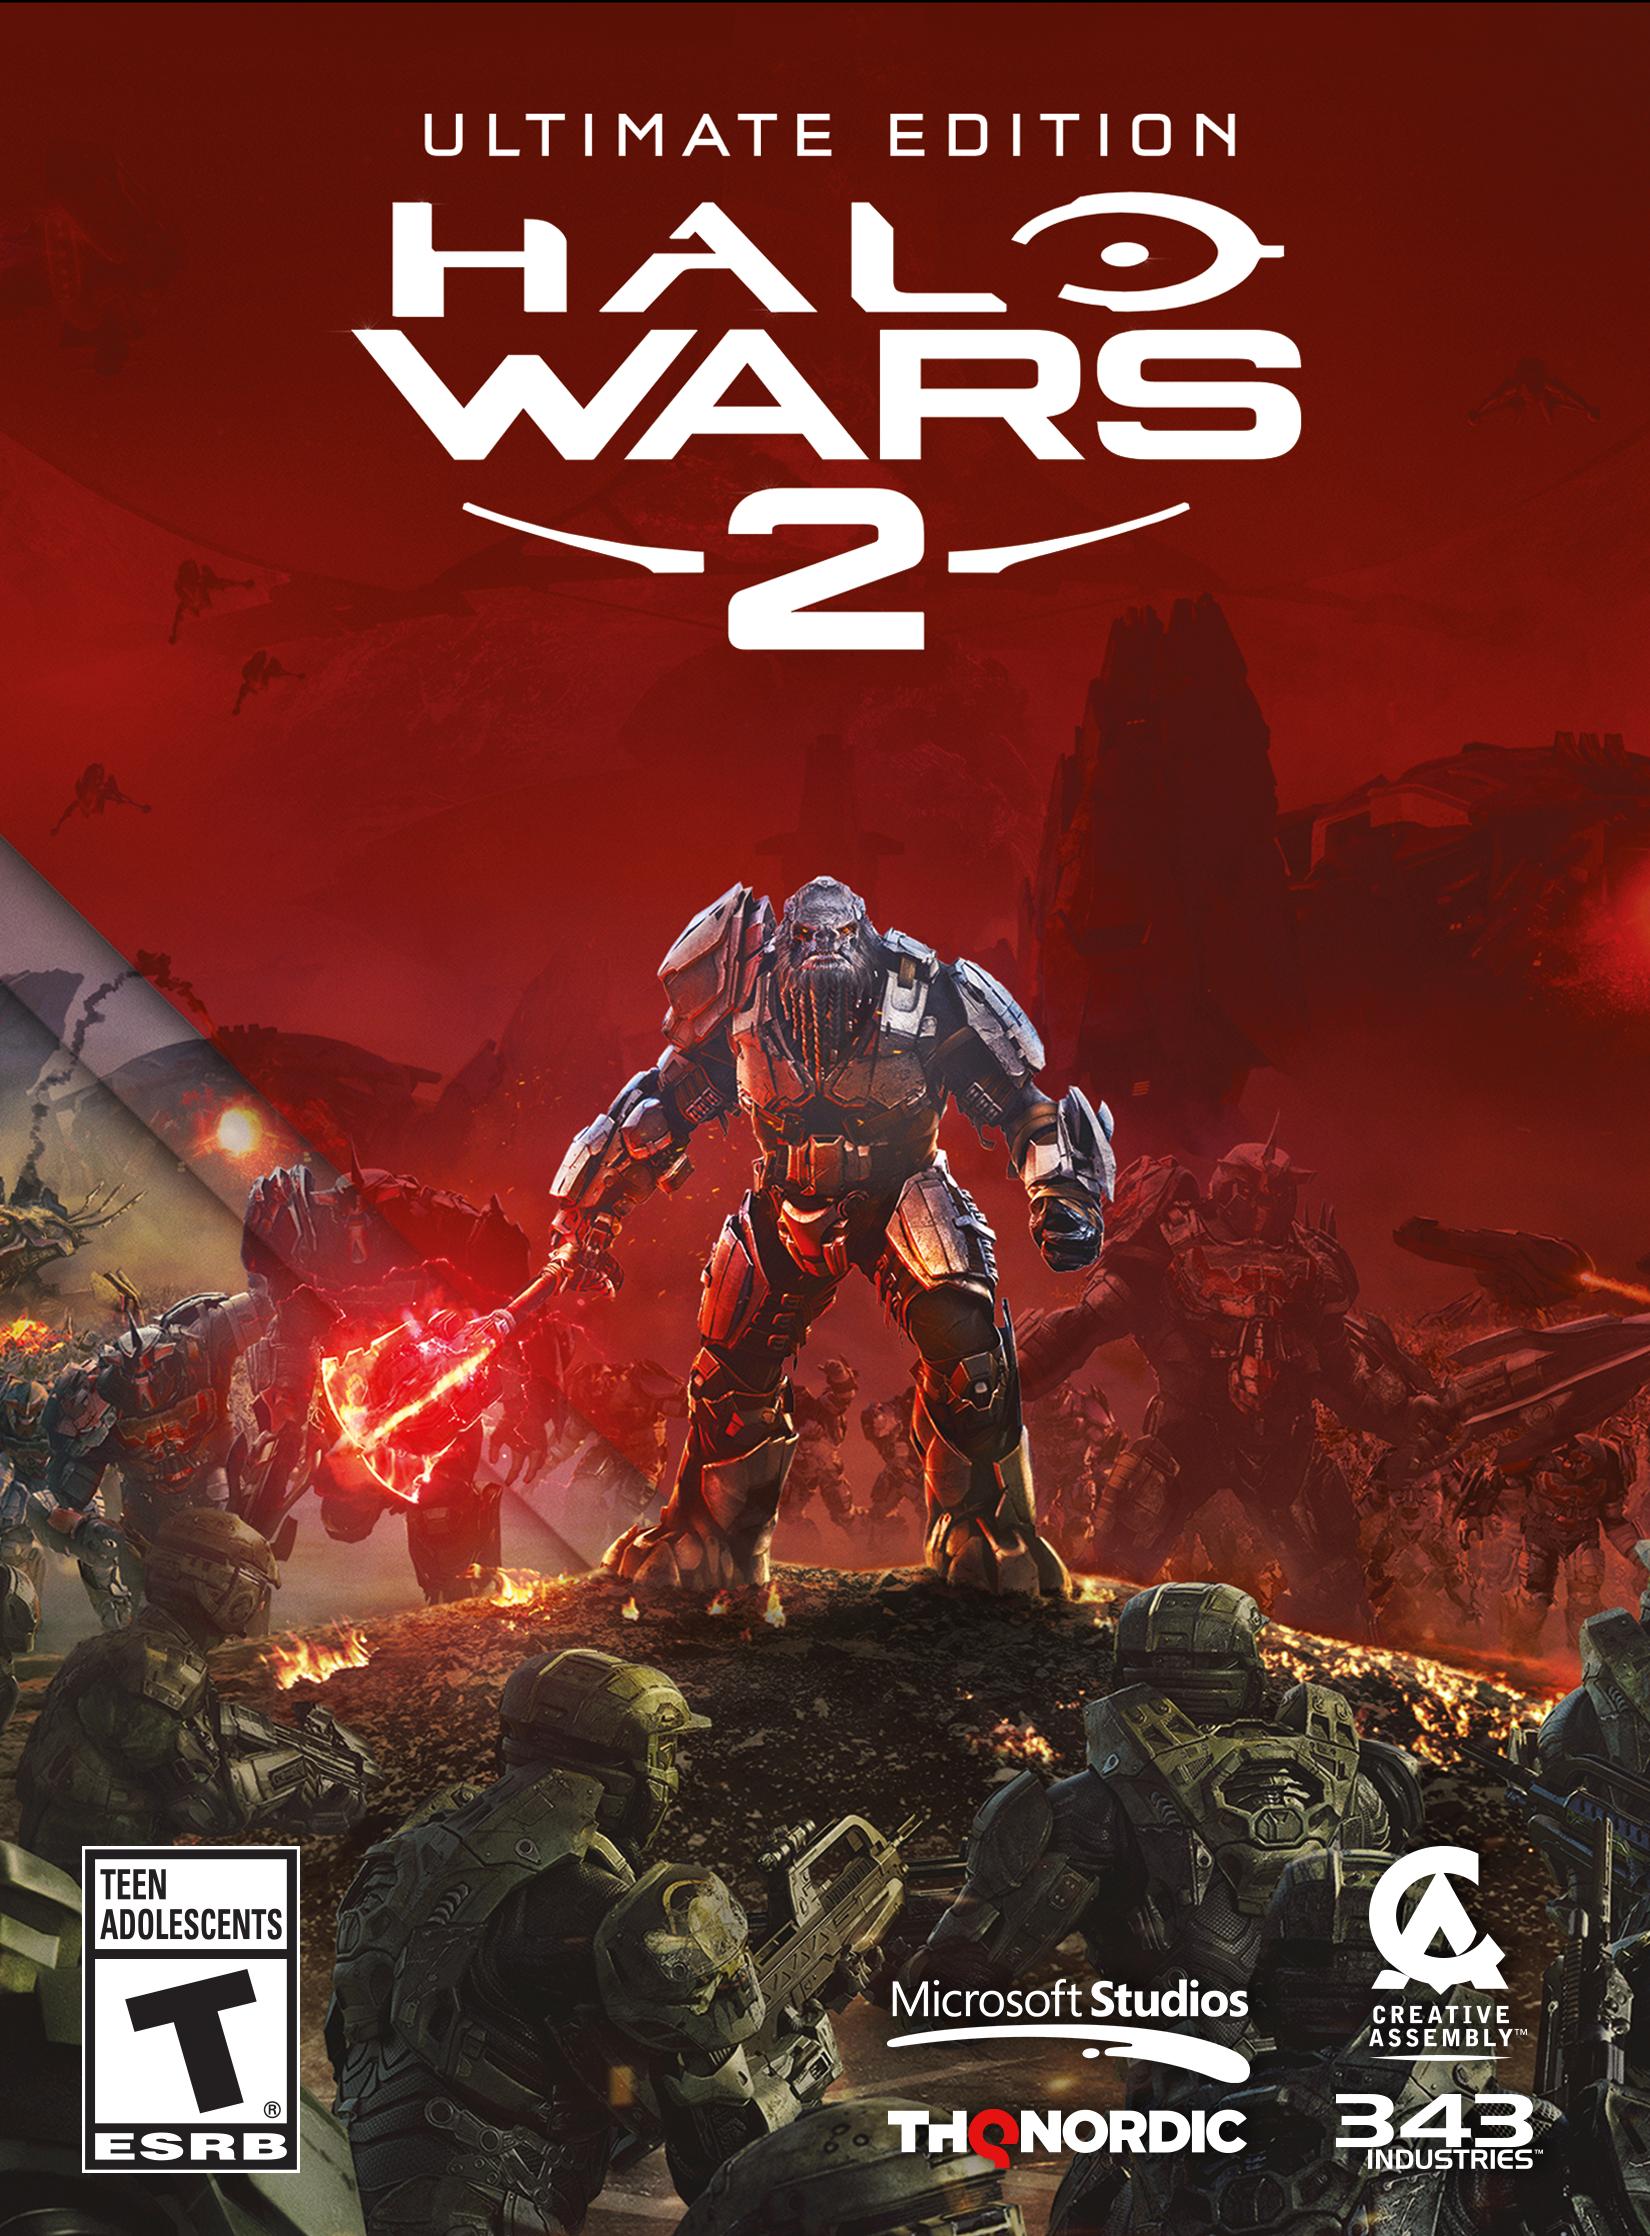 Halo Wars 2, ecco le Standard e Ultimate Edition per Windows